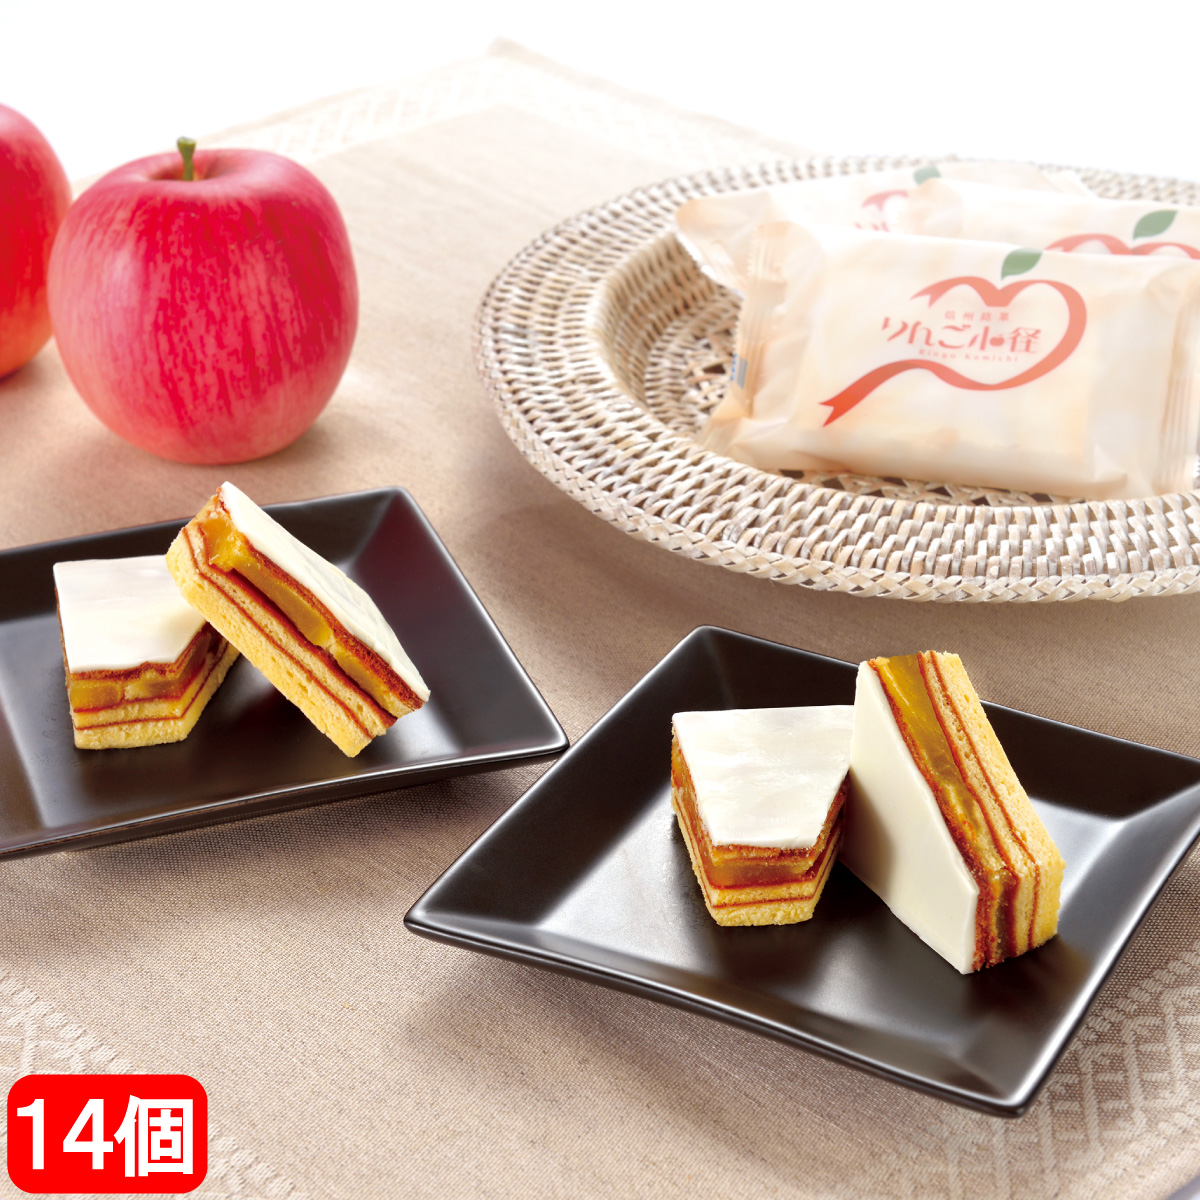 【ふるさと納税】りんご小径 14個入 【お菓子・スイーツ・バウムクーヘン】